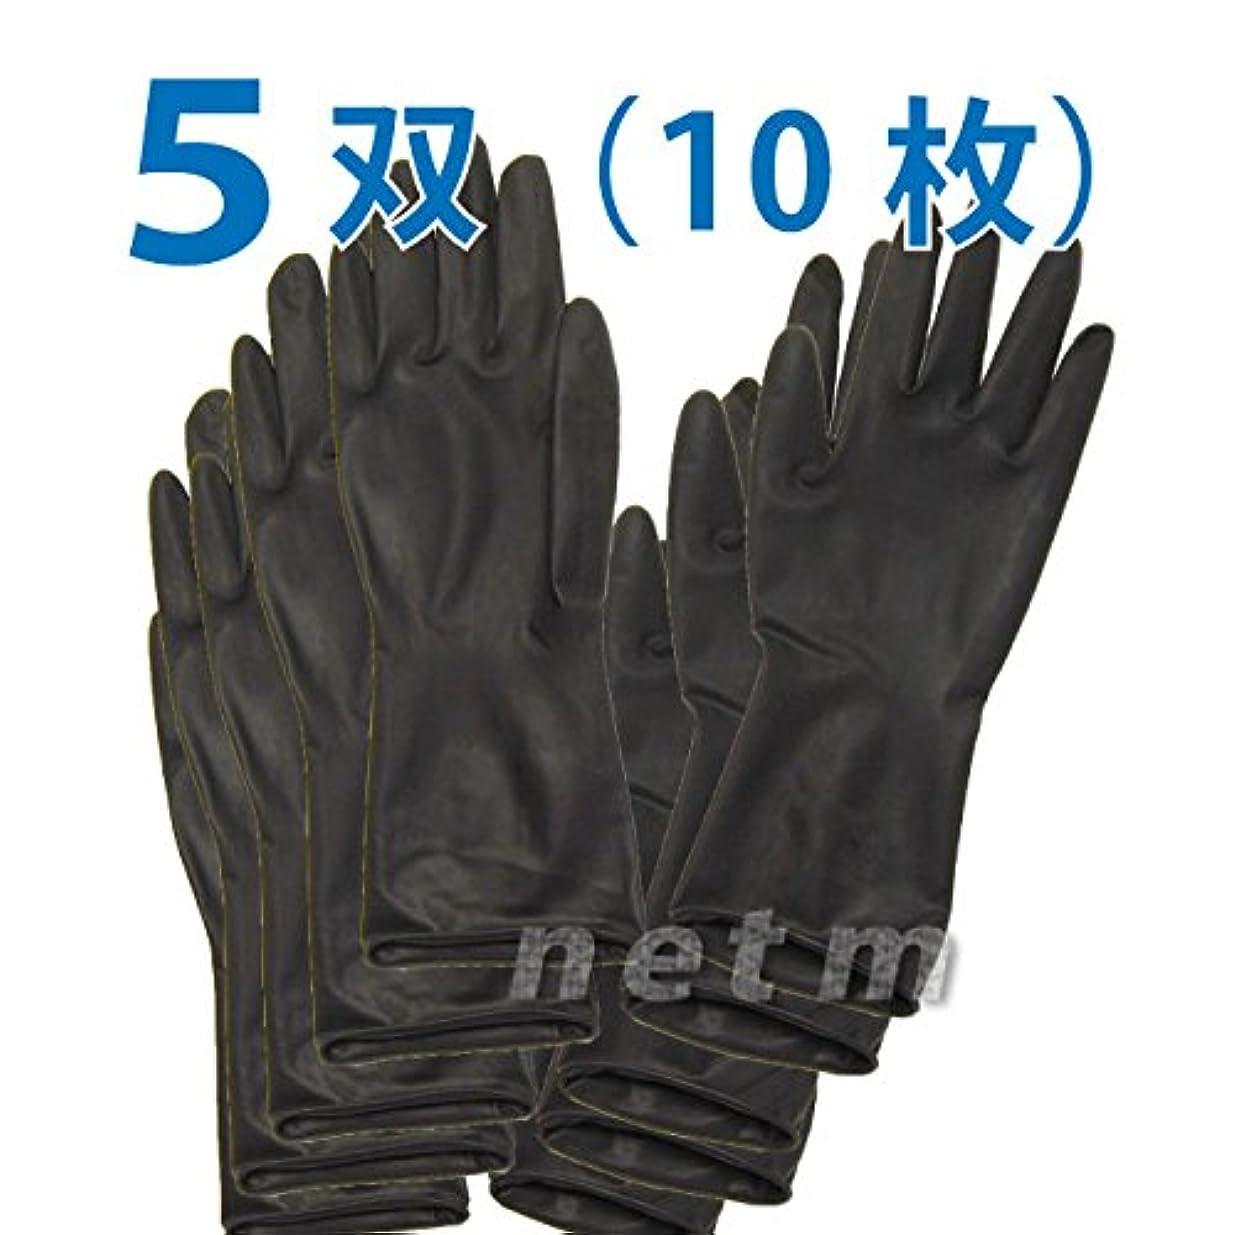 曲クアッガラウンジオカモト ブラックグローブ ロングタイプ Sサイズ  5双(10枚)